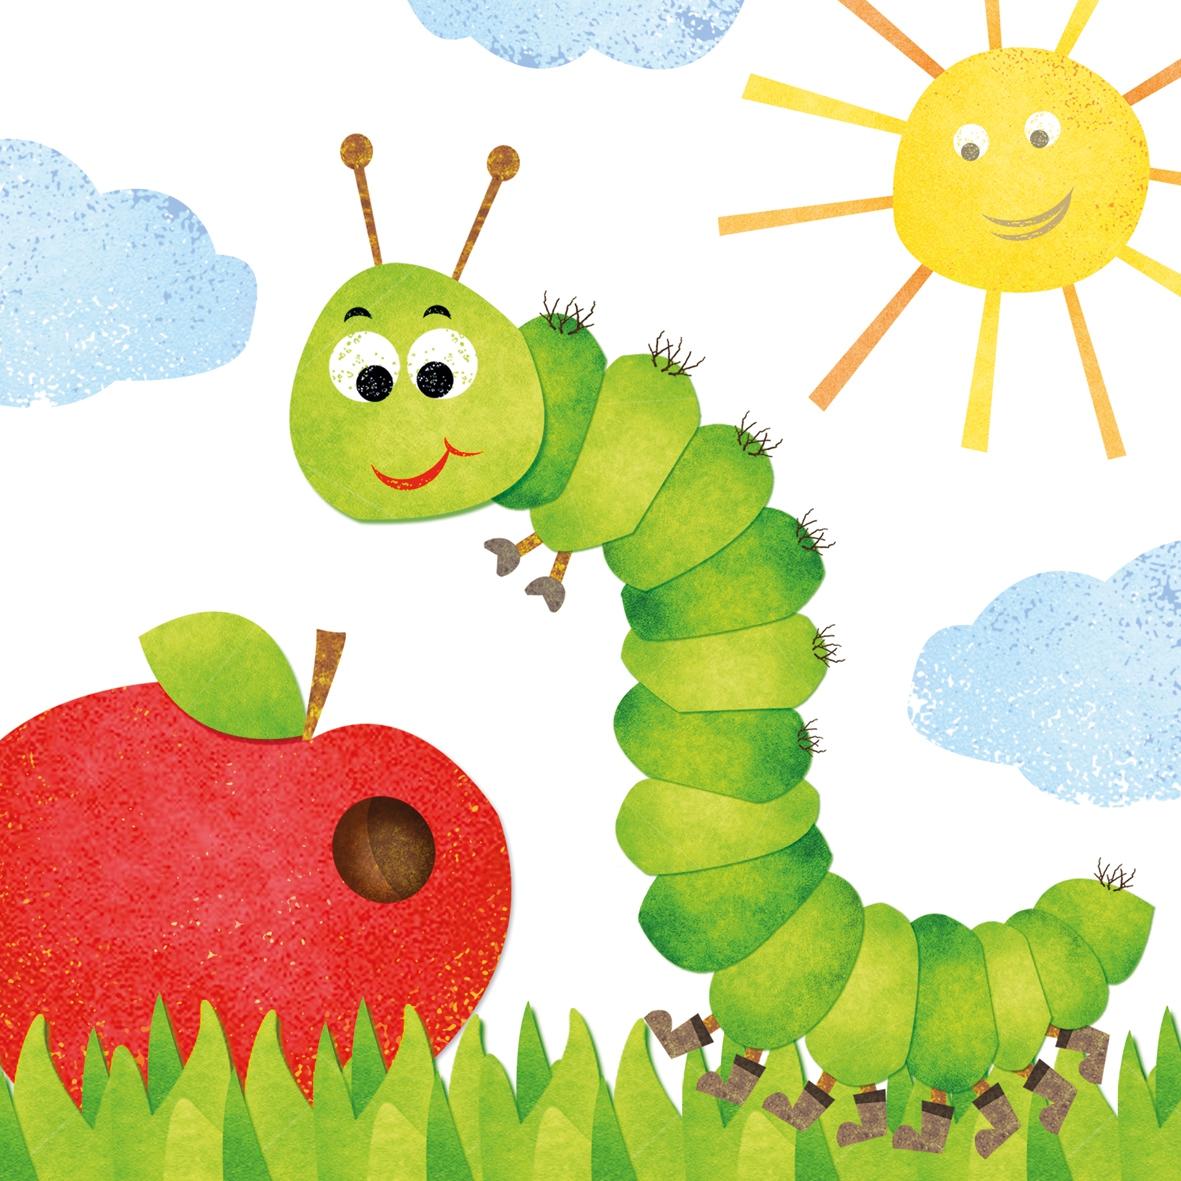 Lunch Servietten Kurt,  Tiere -  Sonstige,  Früchte - Äpfel,  Everyday,  lunchservietten,  Raupe,  Äpfel